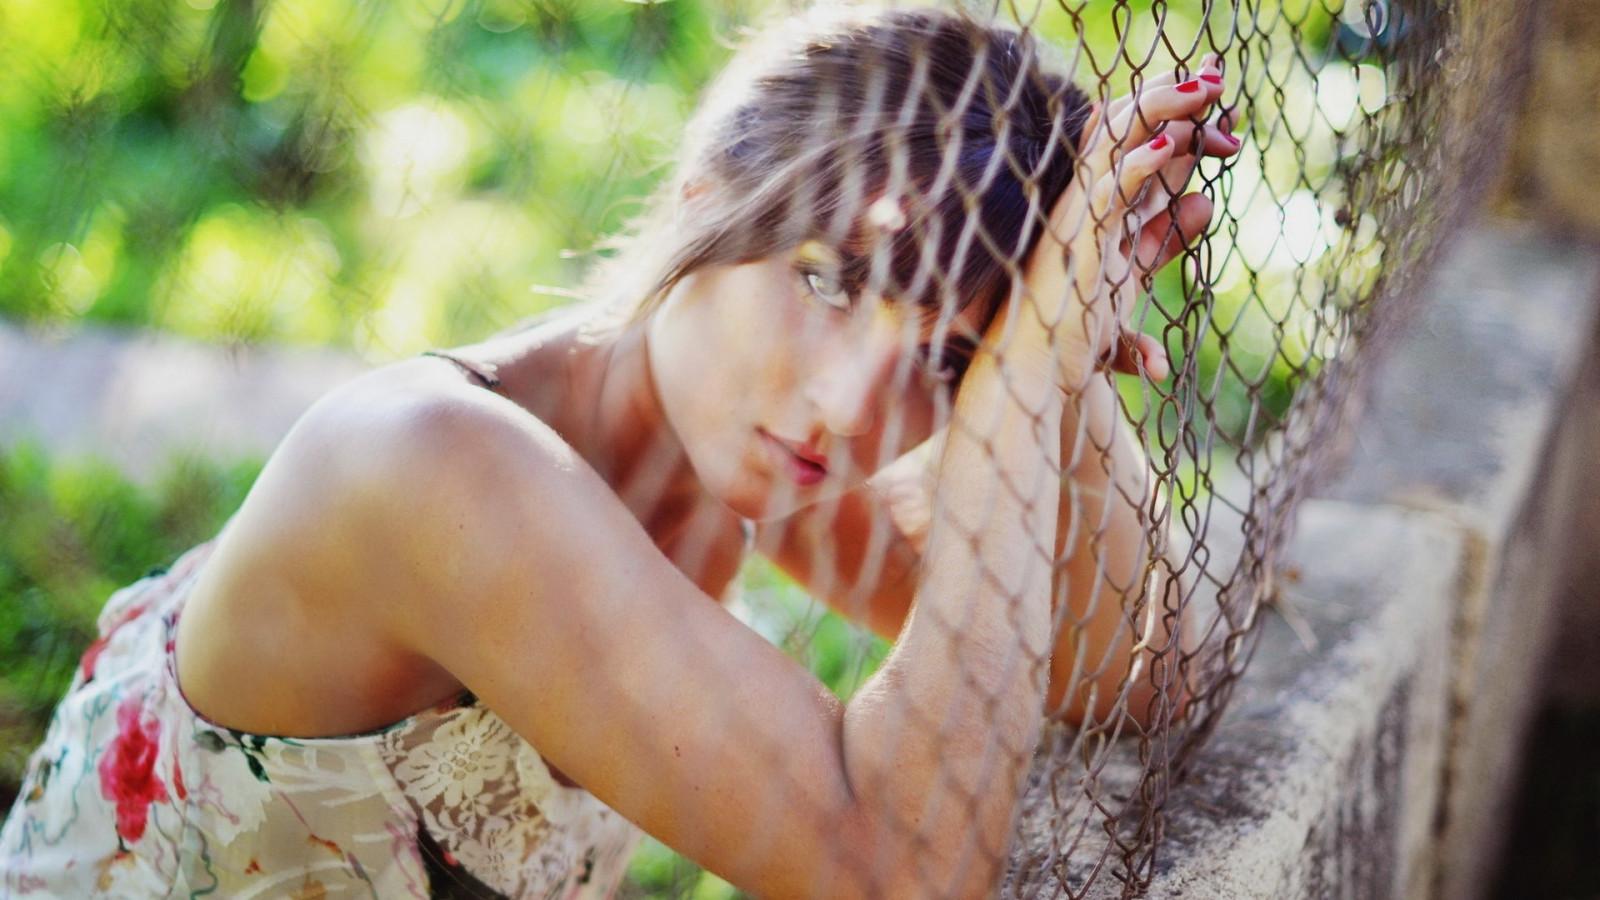 Hintergrundbilder Frauen Im Freien Frau Modell Tiefenscharfe